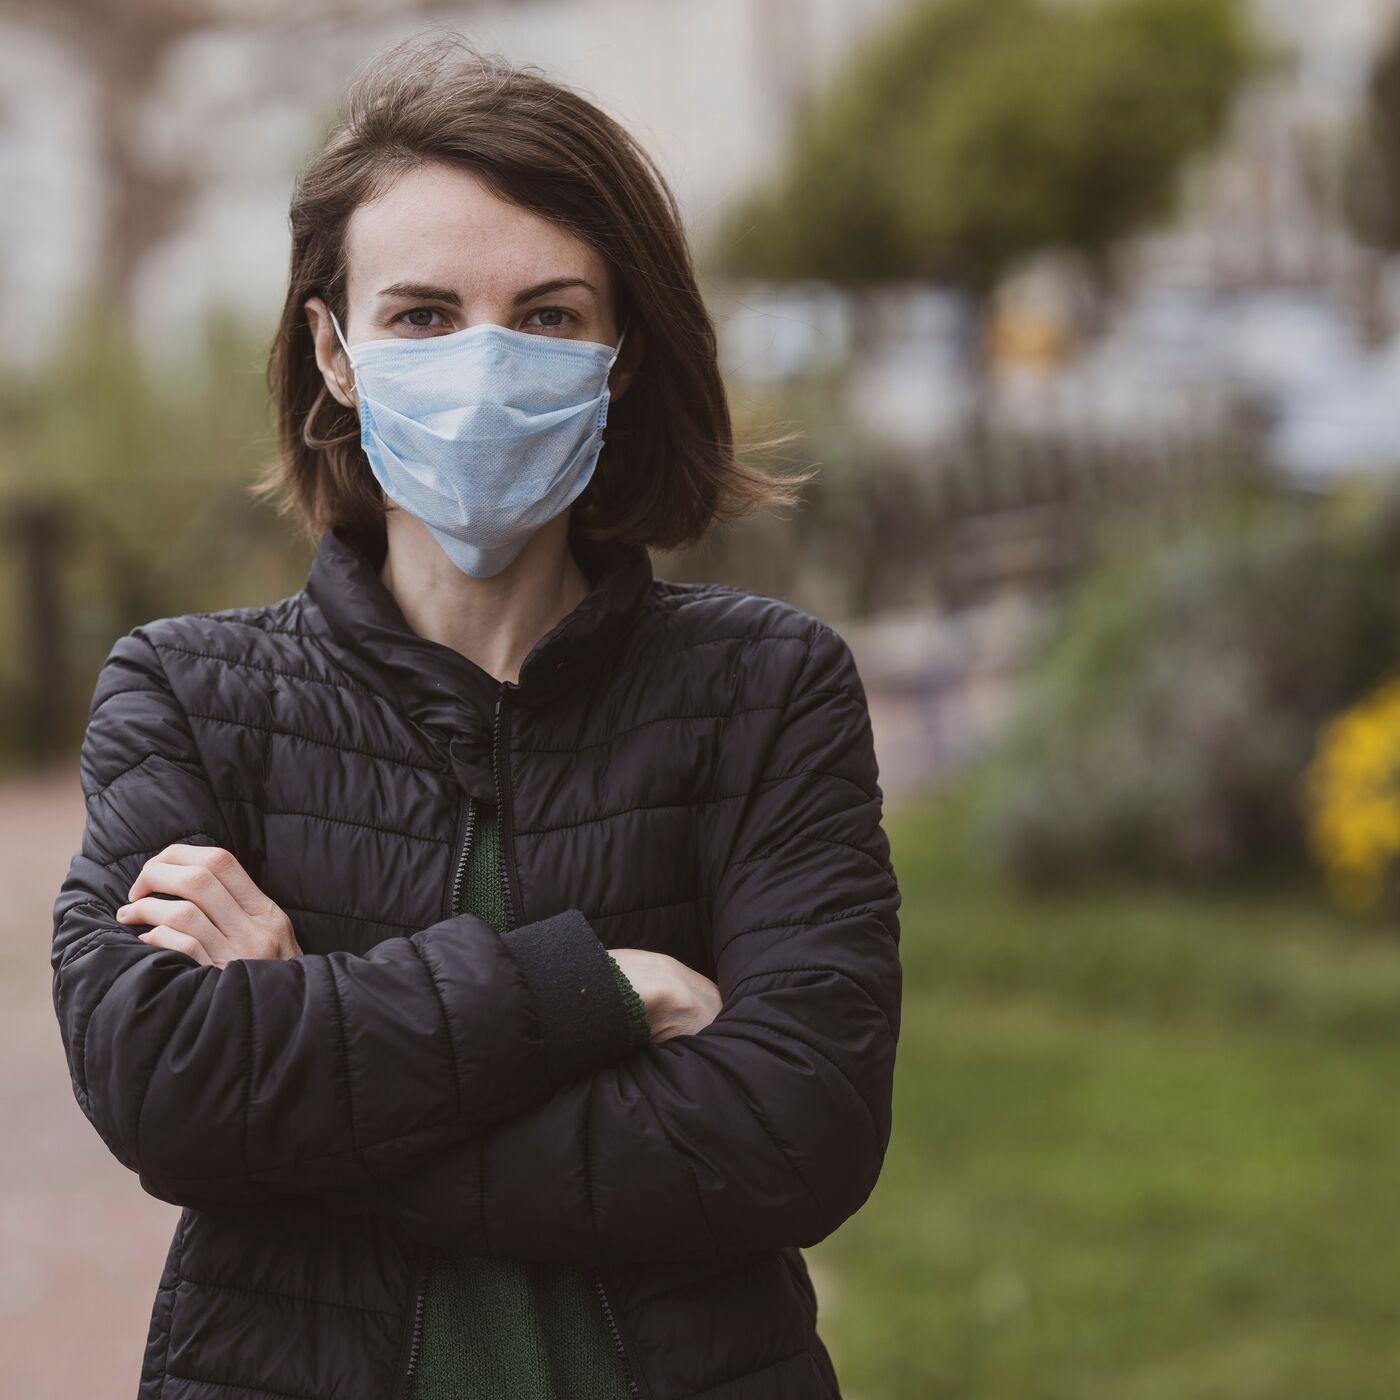 Episódio 6 - Pandemia, papel higiênico e uma nova consciência pós-Covid19